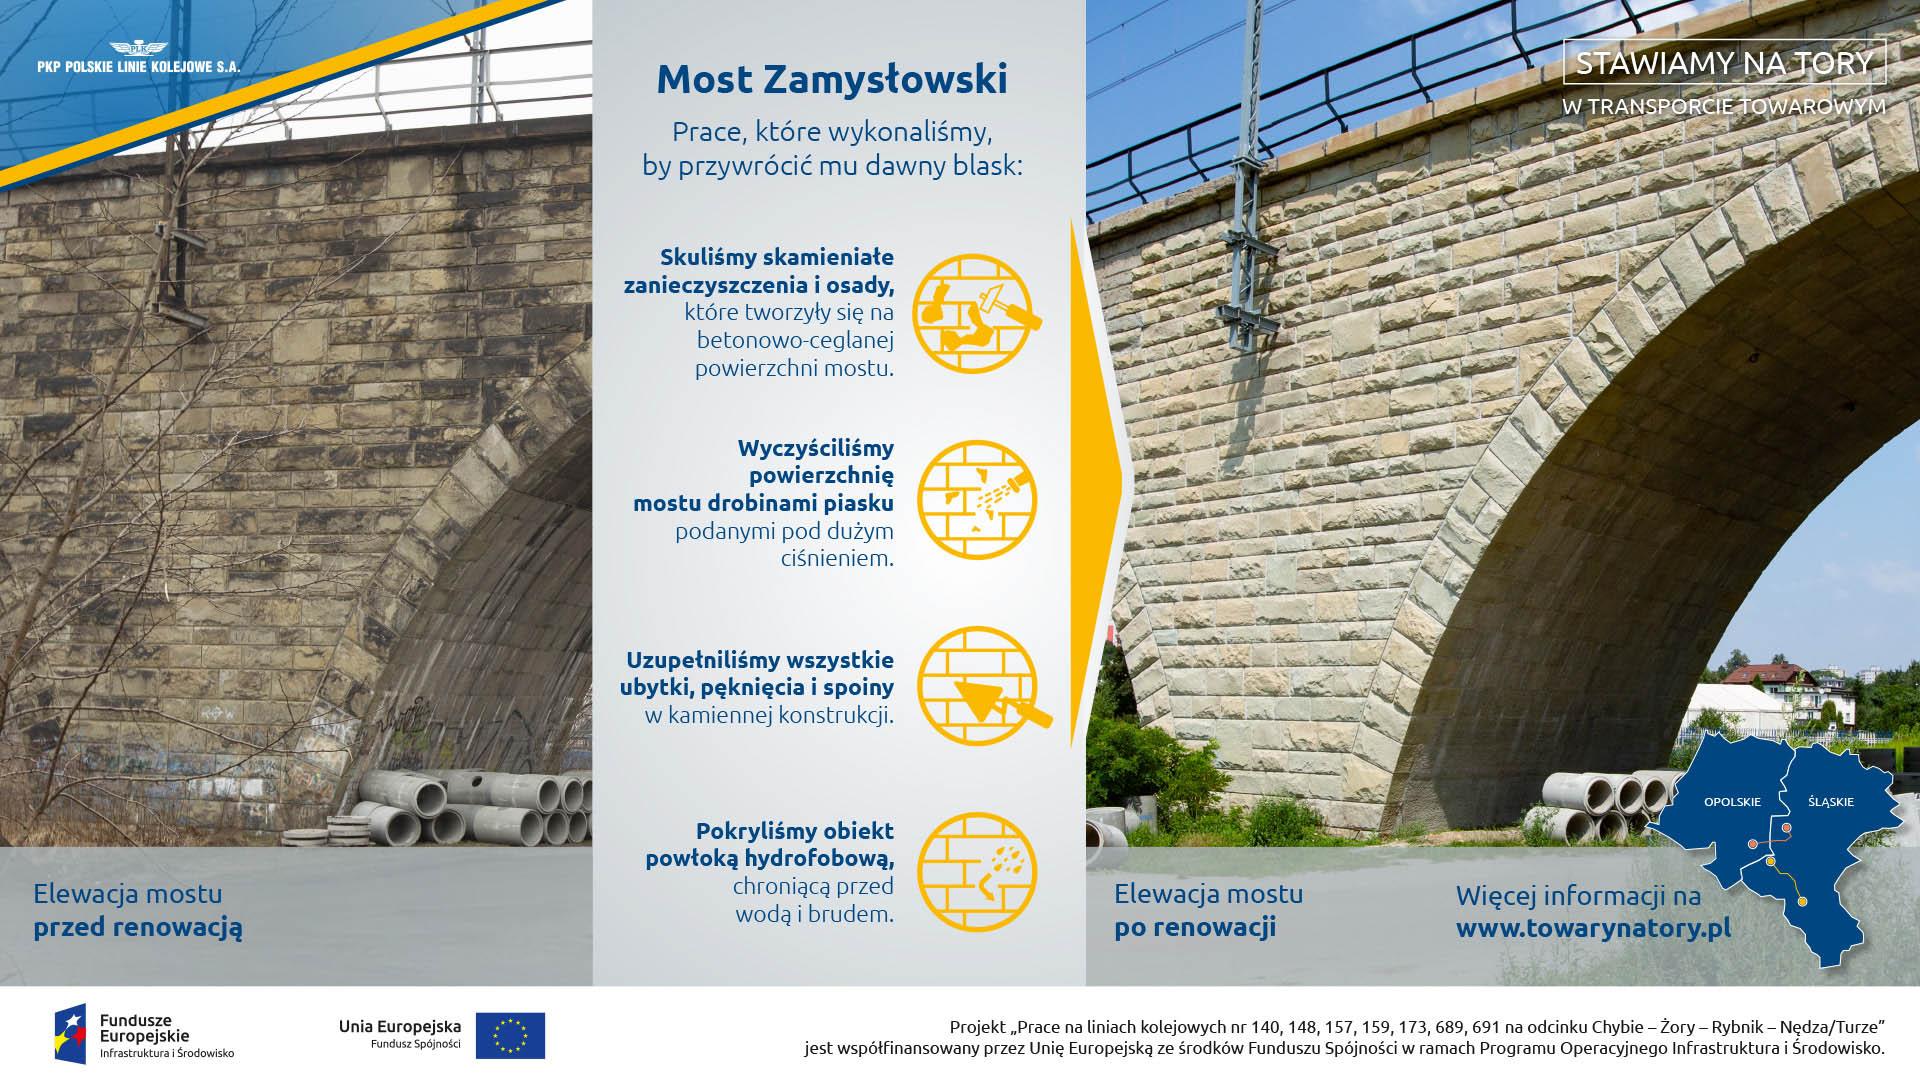 Infografika mówi o pracach wykonanych na Moście Zamysłowskim. Skucie zanieczyszczeń i osadów, wyczyszczenie powierzchni, uzupełnienie braków i nałożenie powłki hydrofobowej